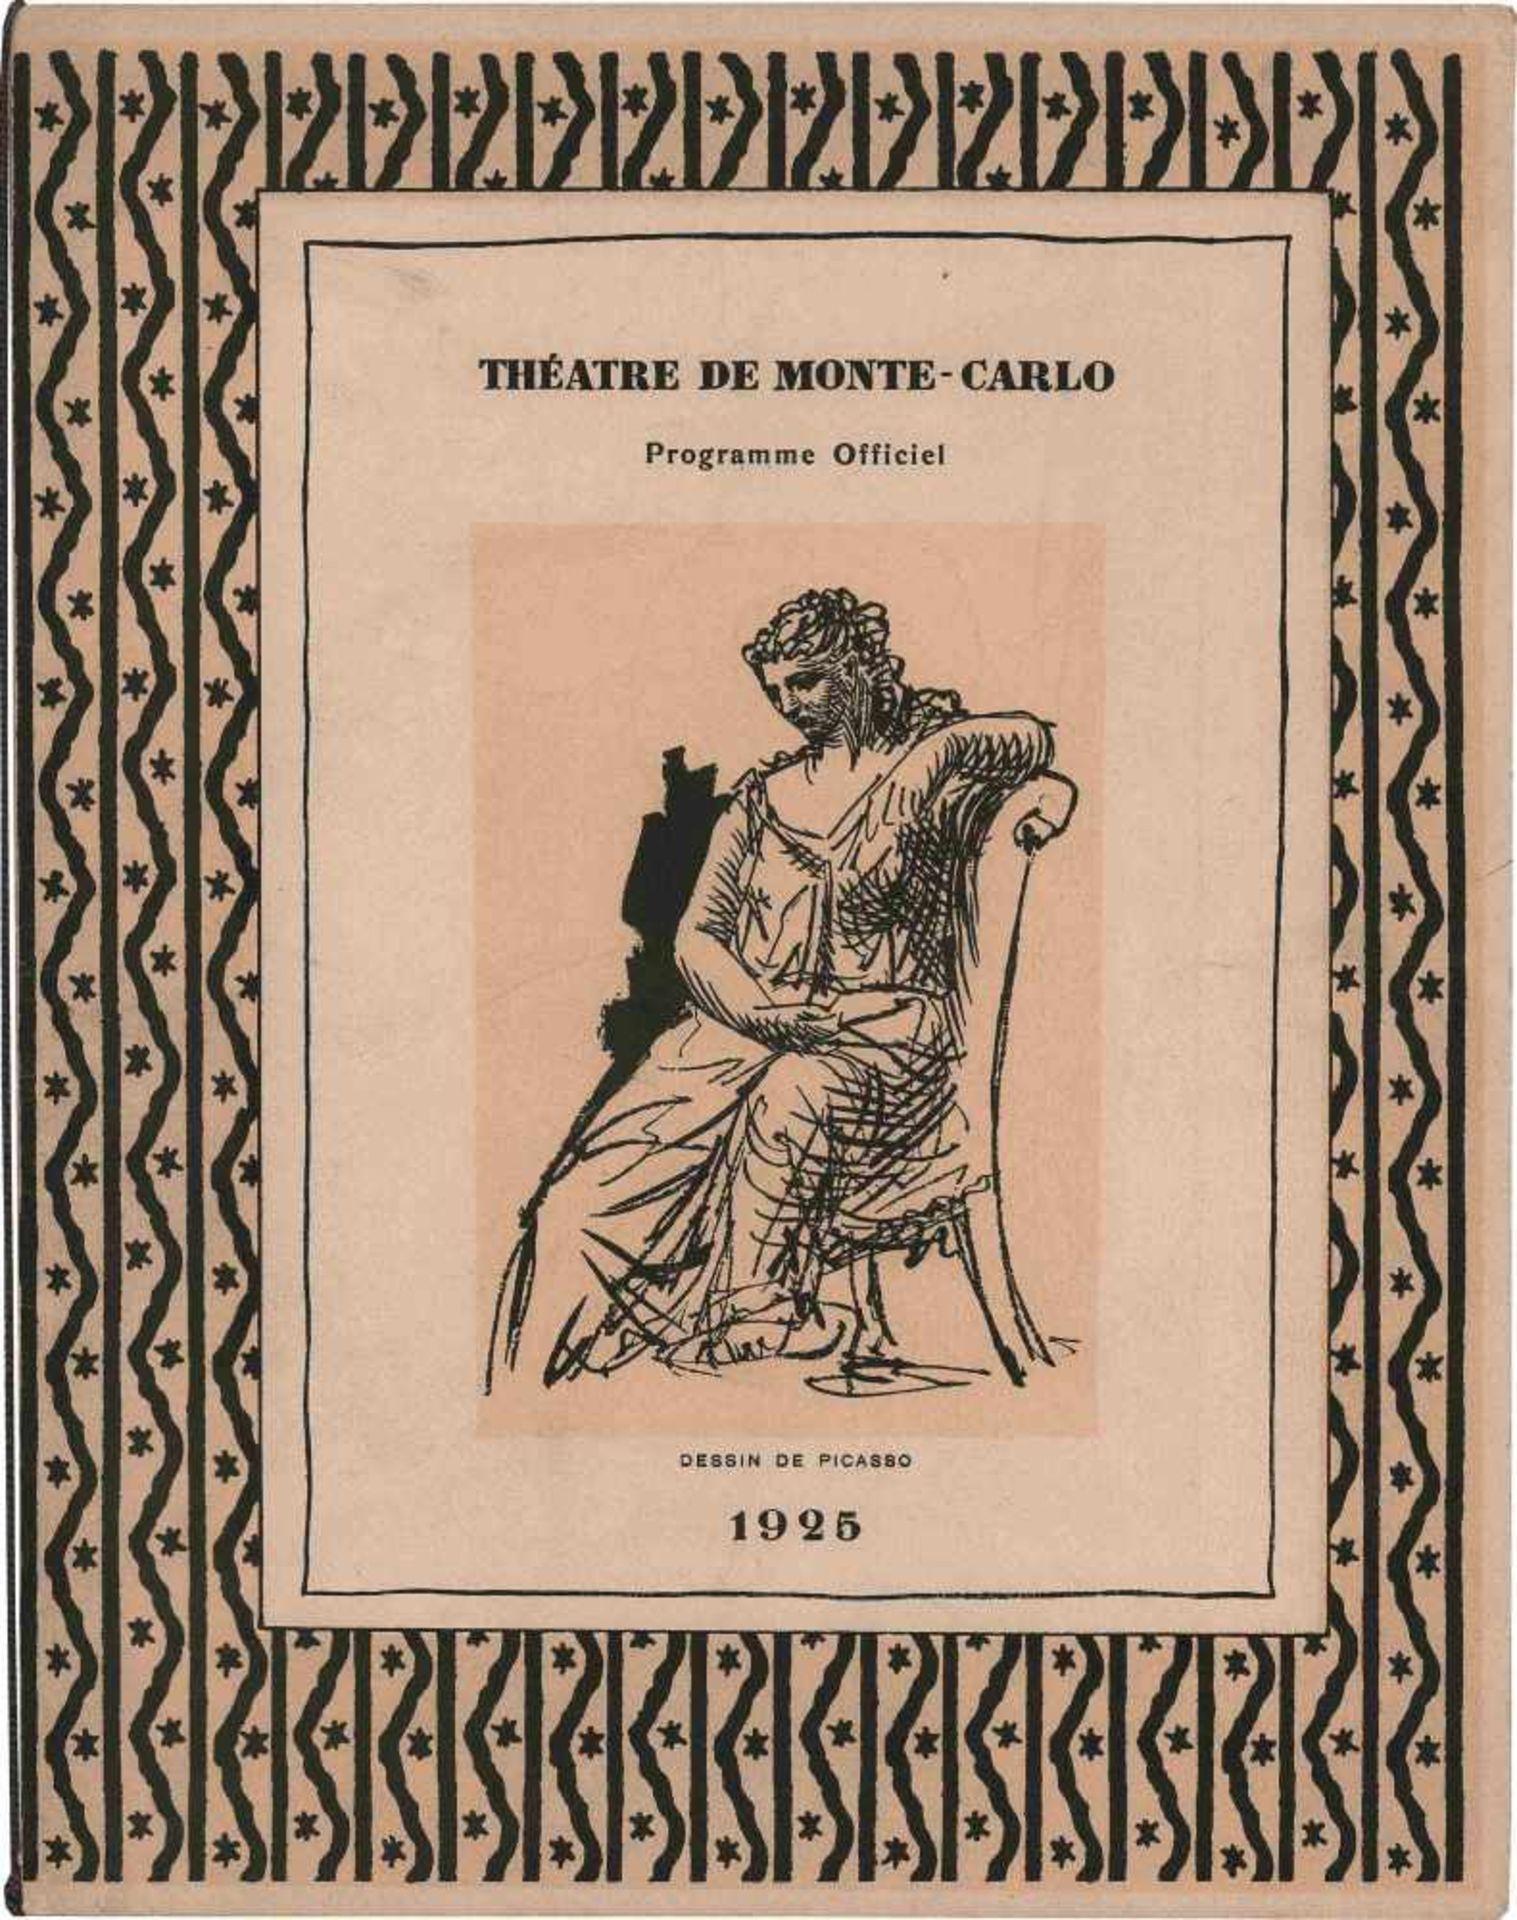 [BALLETS RUSSES, BRAQUE, GRIS, LAURENCIN, PICASSO] Ballets Russes im Théâtre de Monte-Carlo, Januar,